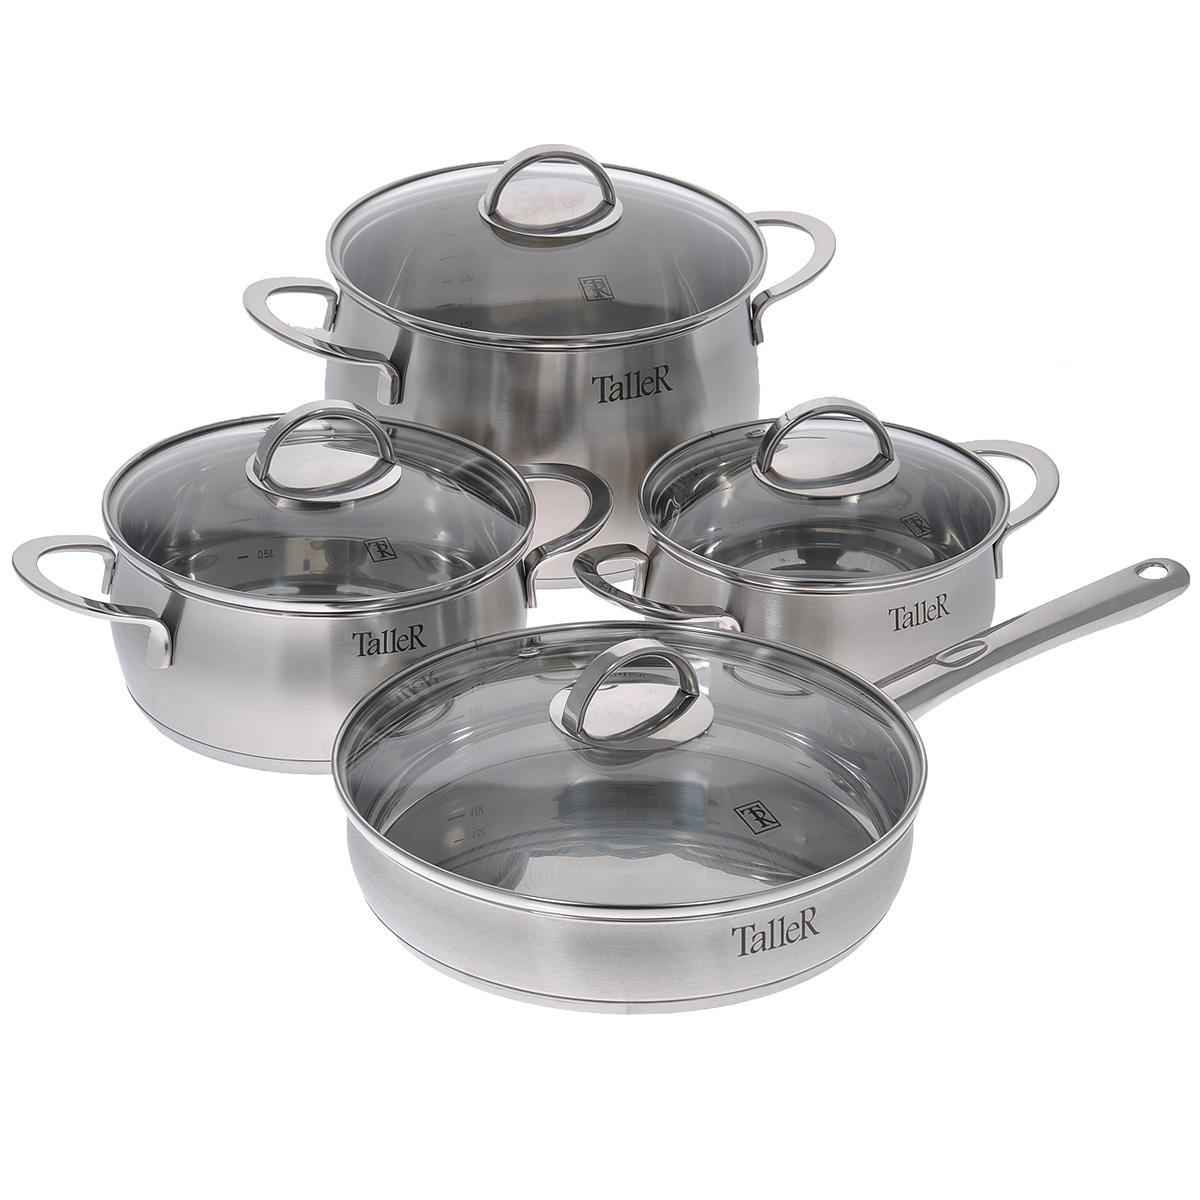 Набор посуды Taller Ледбери, 8 предметовTR-7110Набор посуды Taller Ледбери состоит из трех кастрюль с крышками и сковороды с крышкой. Кастрюли и сковорода выполнены из высококачественной нержавеющей стали 18/10, которая отличается прочностью, устойчивостью к коррозии и отсутствием вредных соединений при контакте с продуктами. Нержавеющая сталь 18/10 зарекомендовала себя как идеальный материал для кухонной посуды. Капсулированное дно с алюминиевой вставкой обеспечивает идеальное распределение тепла. Изделия имеют удобные ручки. Надежное крепление ручек гарантирует безопасность использования. Удобные отметки литража на внутренней поверхности посуды позволяют не использовать при приготовлении дополнительную мерную посуду. Крышки изготовлены из термостойкого стекла. Специальное отверстие для выхода пара позволяет готовить с закрытой крышкой, предотвращая выкипание. Подходит для всех типов плит, включая индукционные. Можно мыть в посудомоечной машине. Не подходит для духовых шкафов.